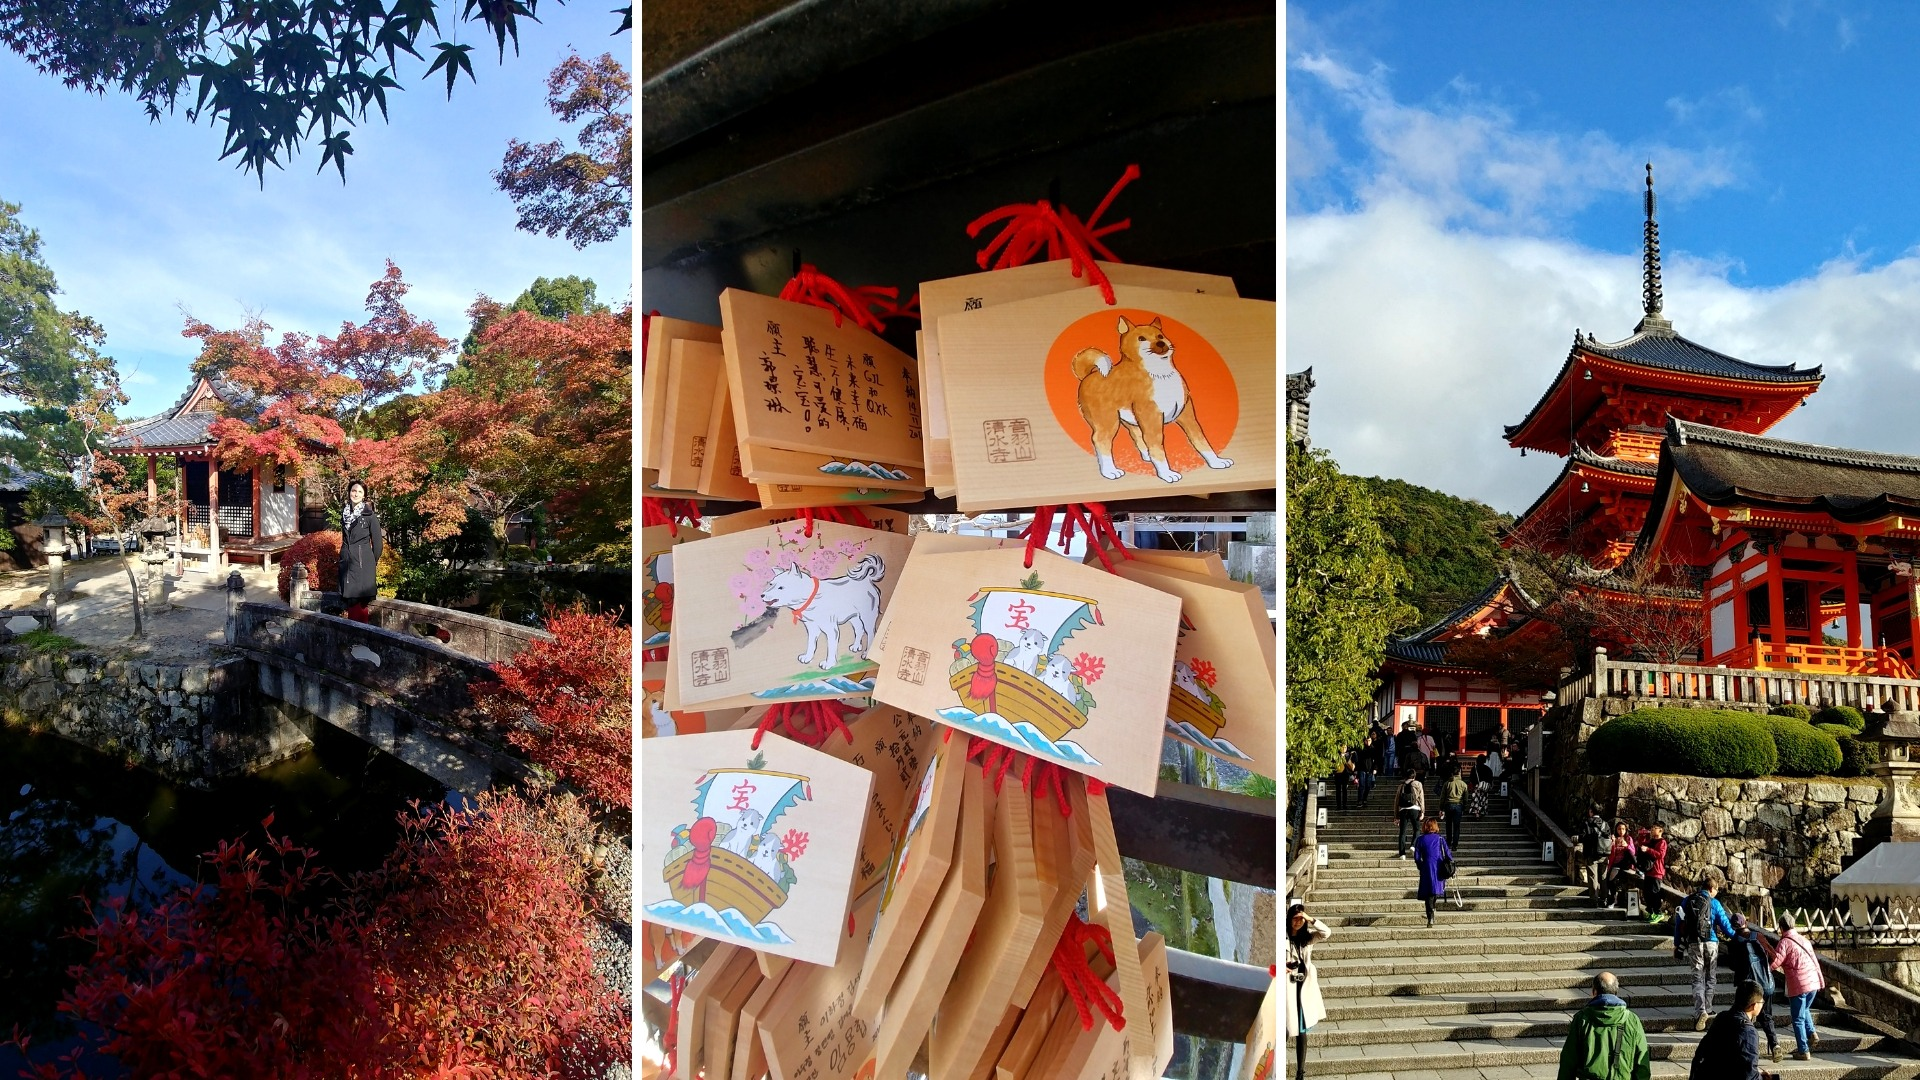 kyoto automne kiyomizu-dera